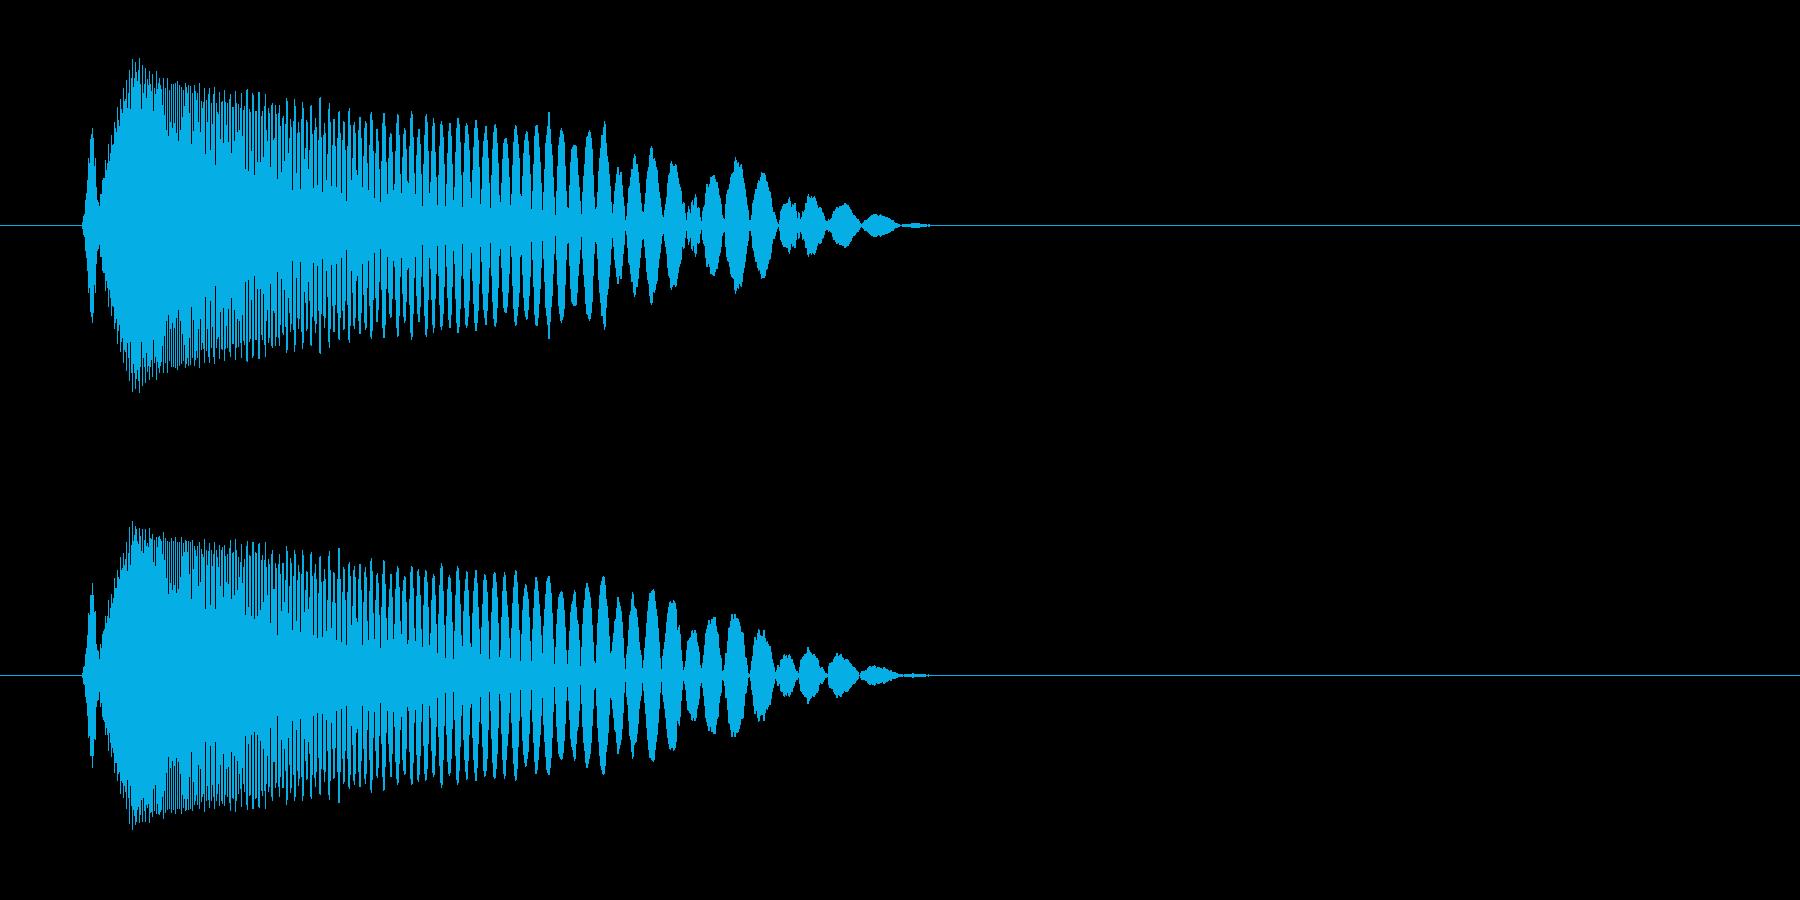 チュン(ビームを放つような音)の再生済みの波形